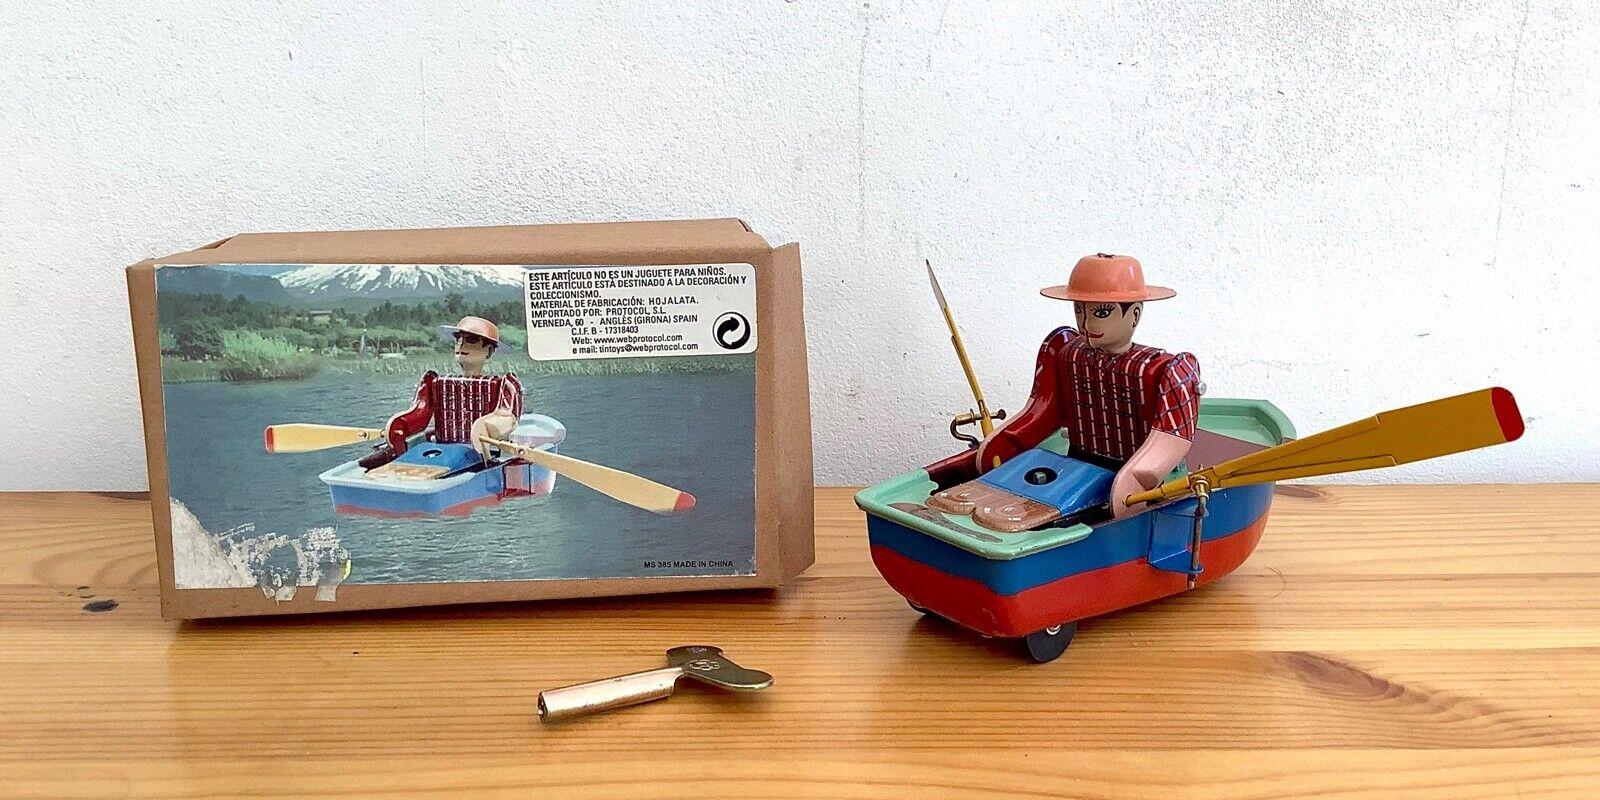 Ancien jouet mÉcanique À clÉ en tÔle homme ramant sur une barque dans sa boÎte